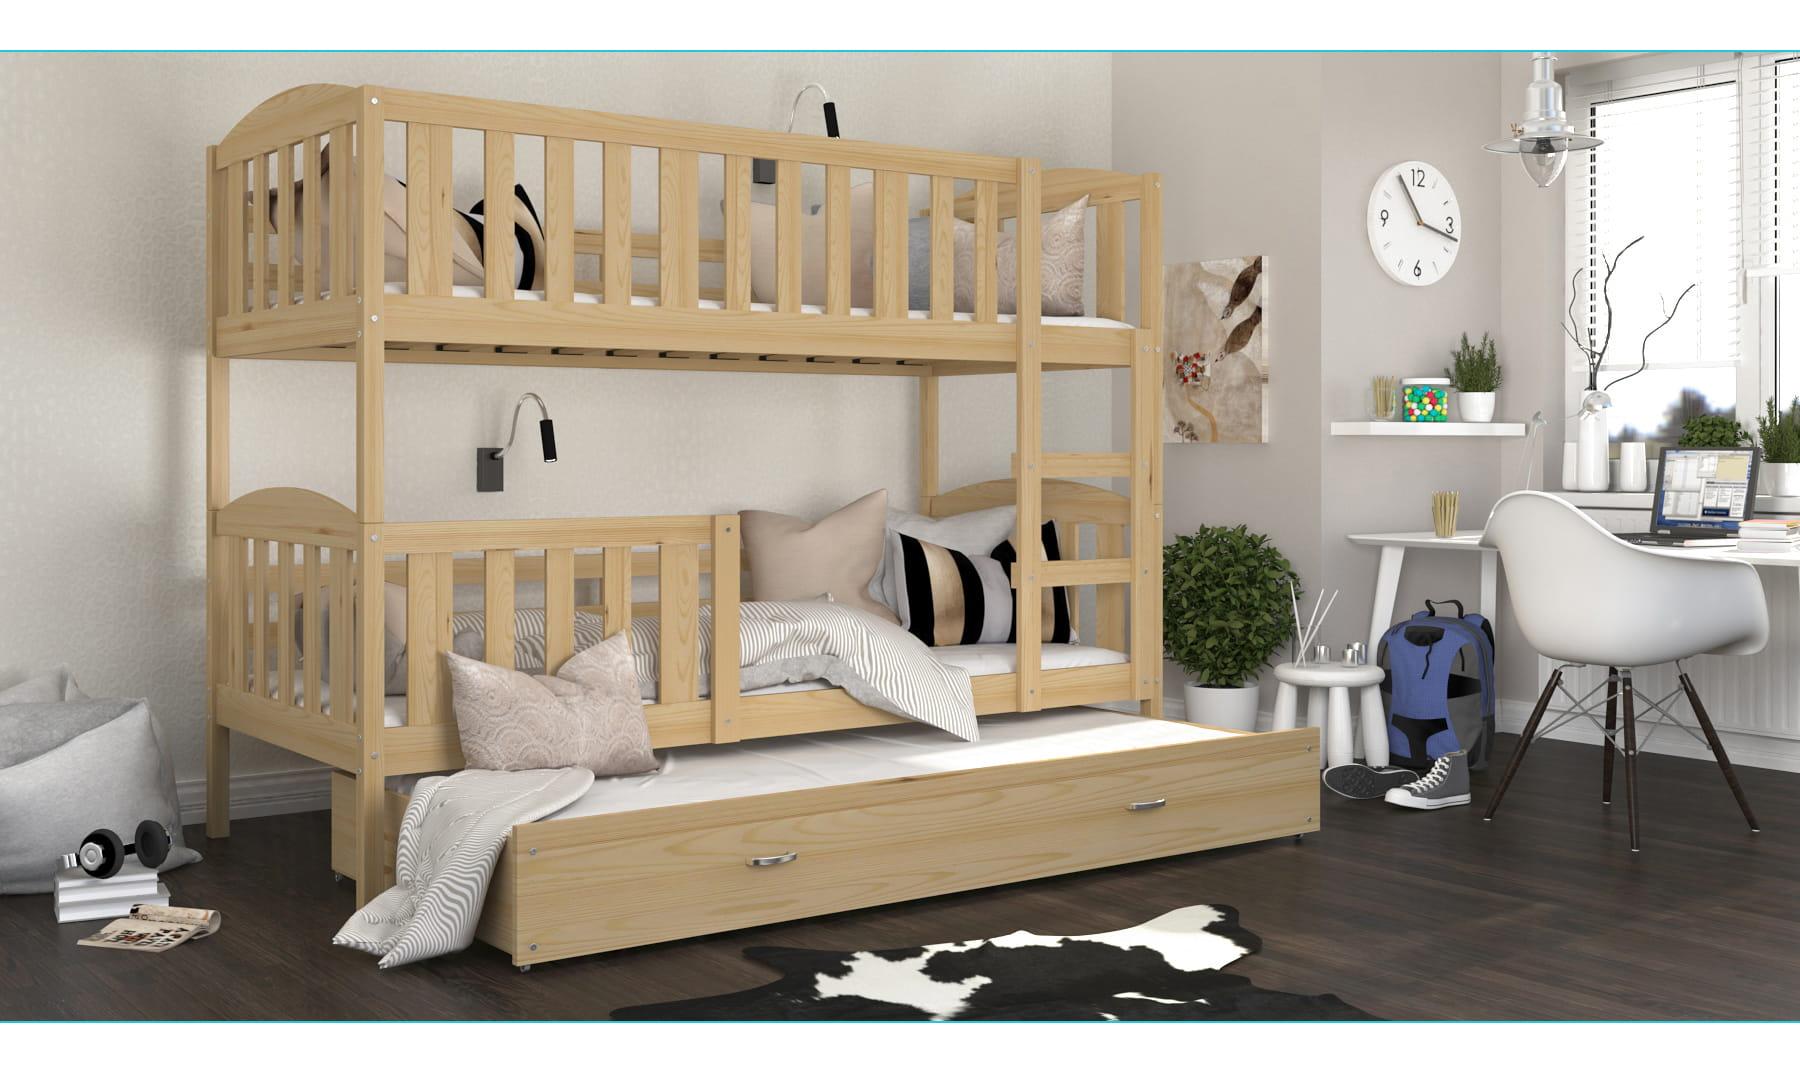 etagenbett kevin f r 3 personen deine moebel 24 einfach einrichten. Black Bedroom Furniture Sets. Home Design Ideas